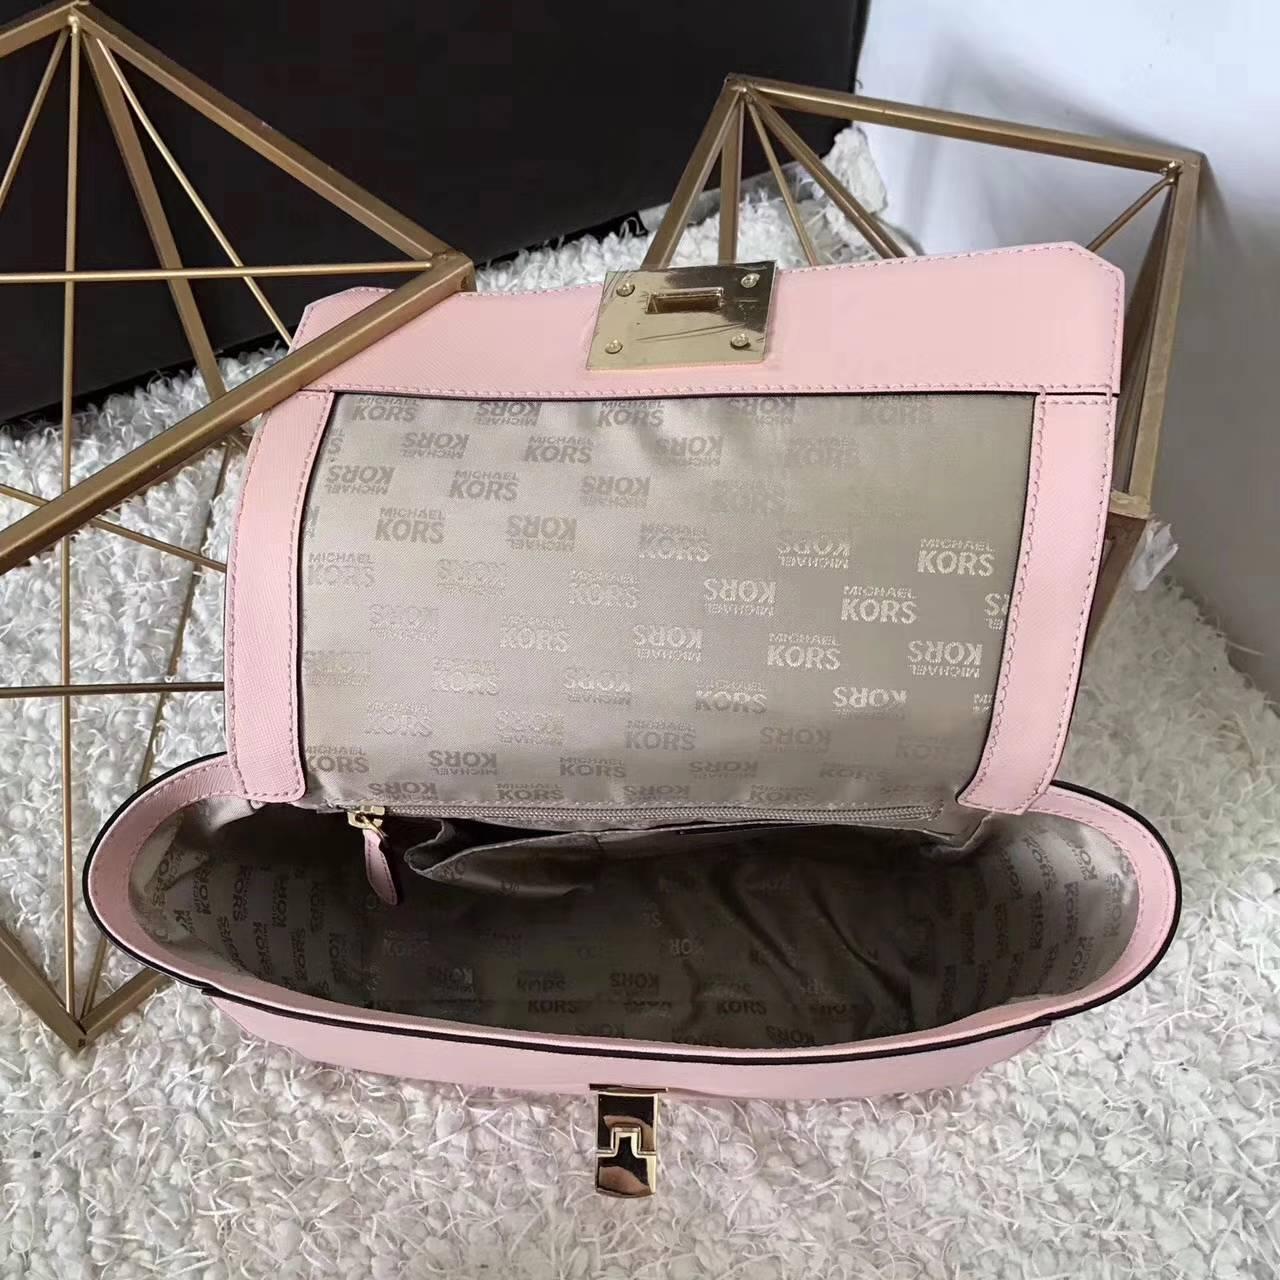 MK包包价格 迈克科尔斯原单十字纹牛皮耳朵包新款女包 粉色26CM